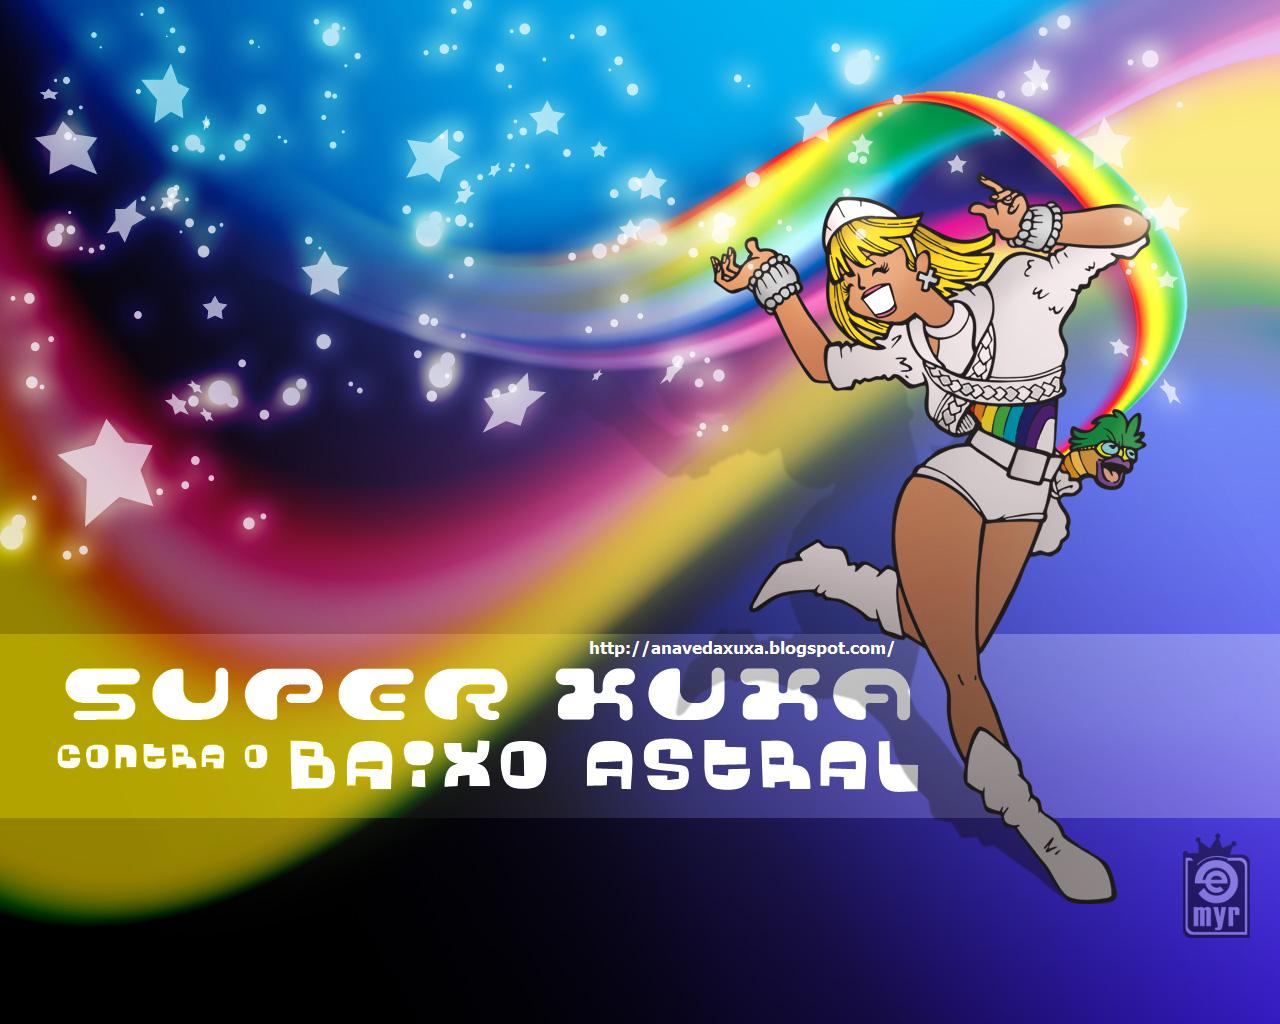 http://2.bp.blogspot.com/_4K_kTm8erjQ/TDfDlStDs7I/AAAAAAAAEe8/J9nmt0Tk_Mg/s1600/superxuxa.png